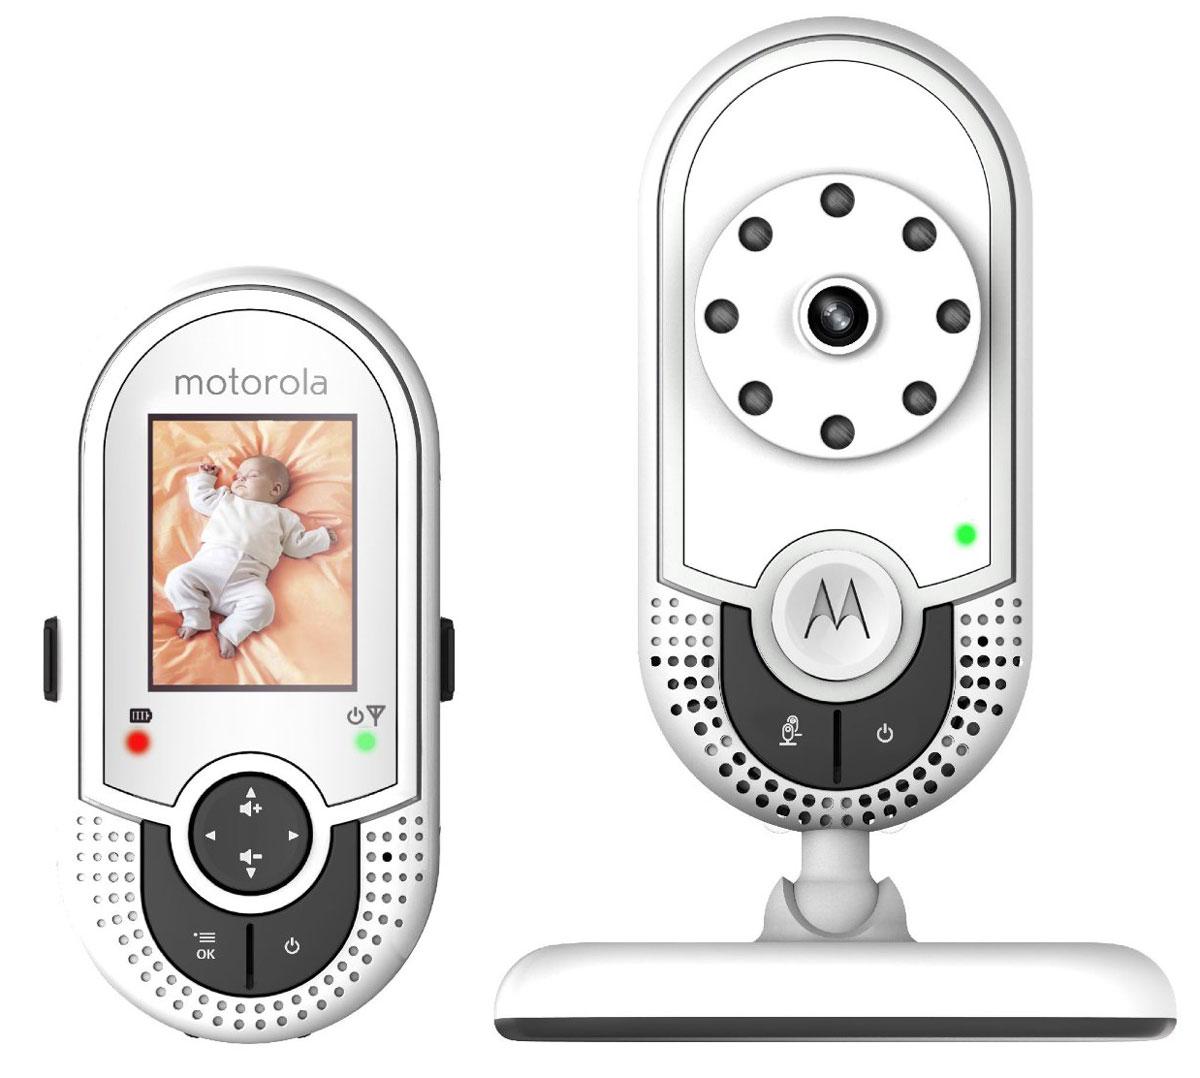 Motorola МВР621, White Silver видеоняня MBP621